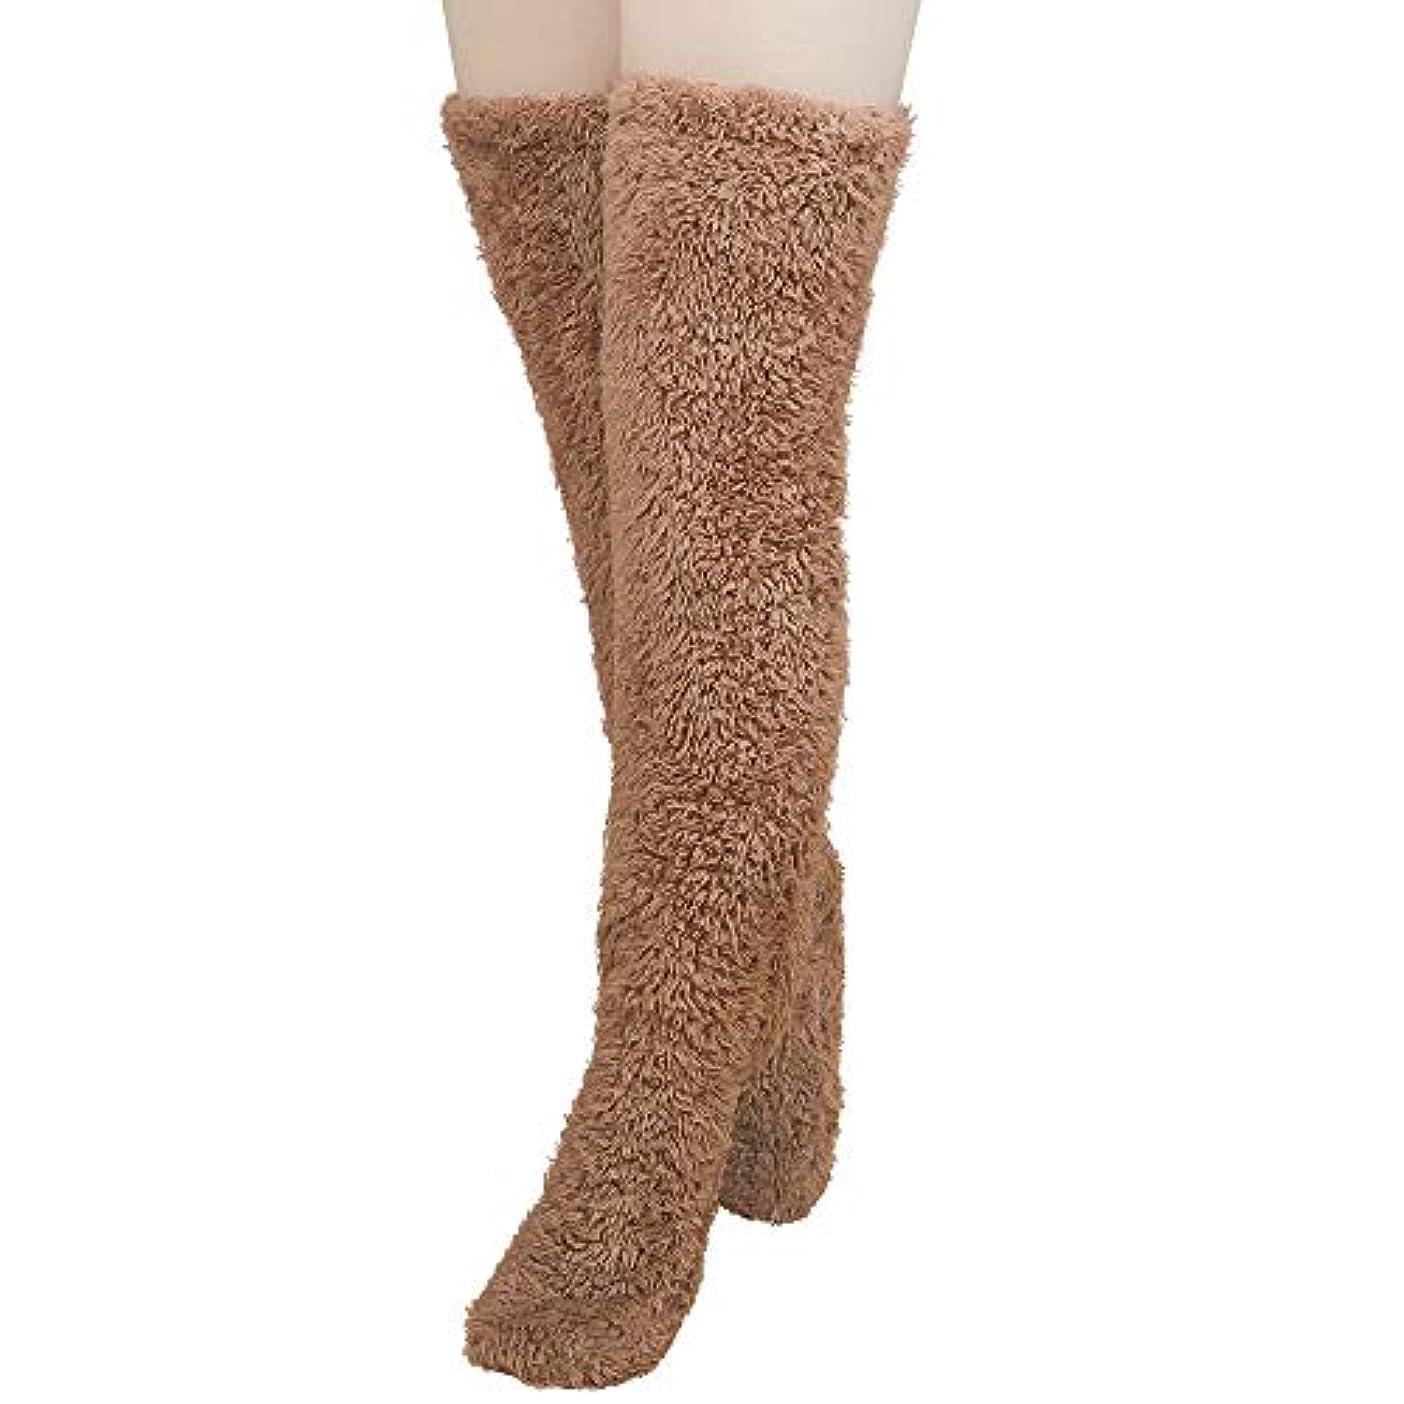 他に生き残りますサイレントMiuko 足が出せるロングカバー 極暖 レッグウォーマー ふわふわ靴下 ロングソックス 冷えとり靴下 毛布ソックス 冷え対策 防寒ソックス あったか 超厚手 男女兼用